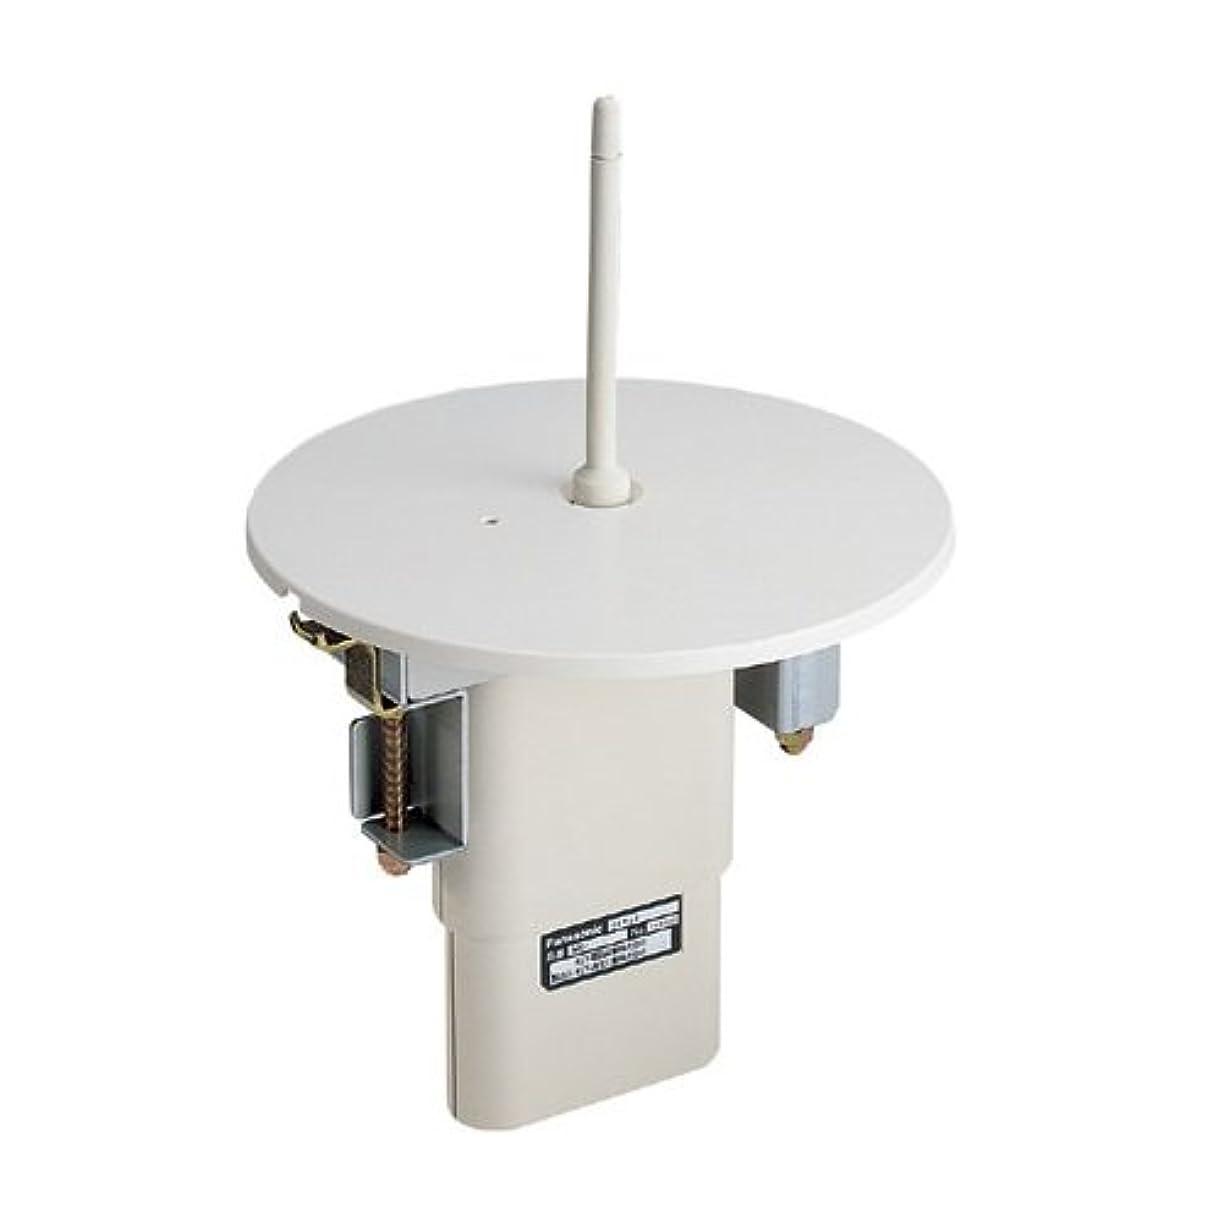 半球守る家具パナソニック 800 MHz帯天井取付用ワイヤレスアンテナ WX-4970(1個)